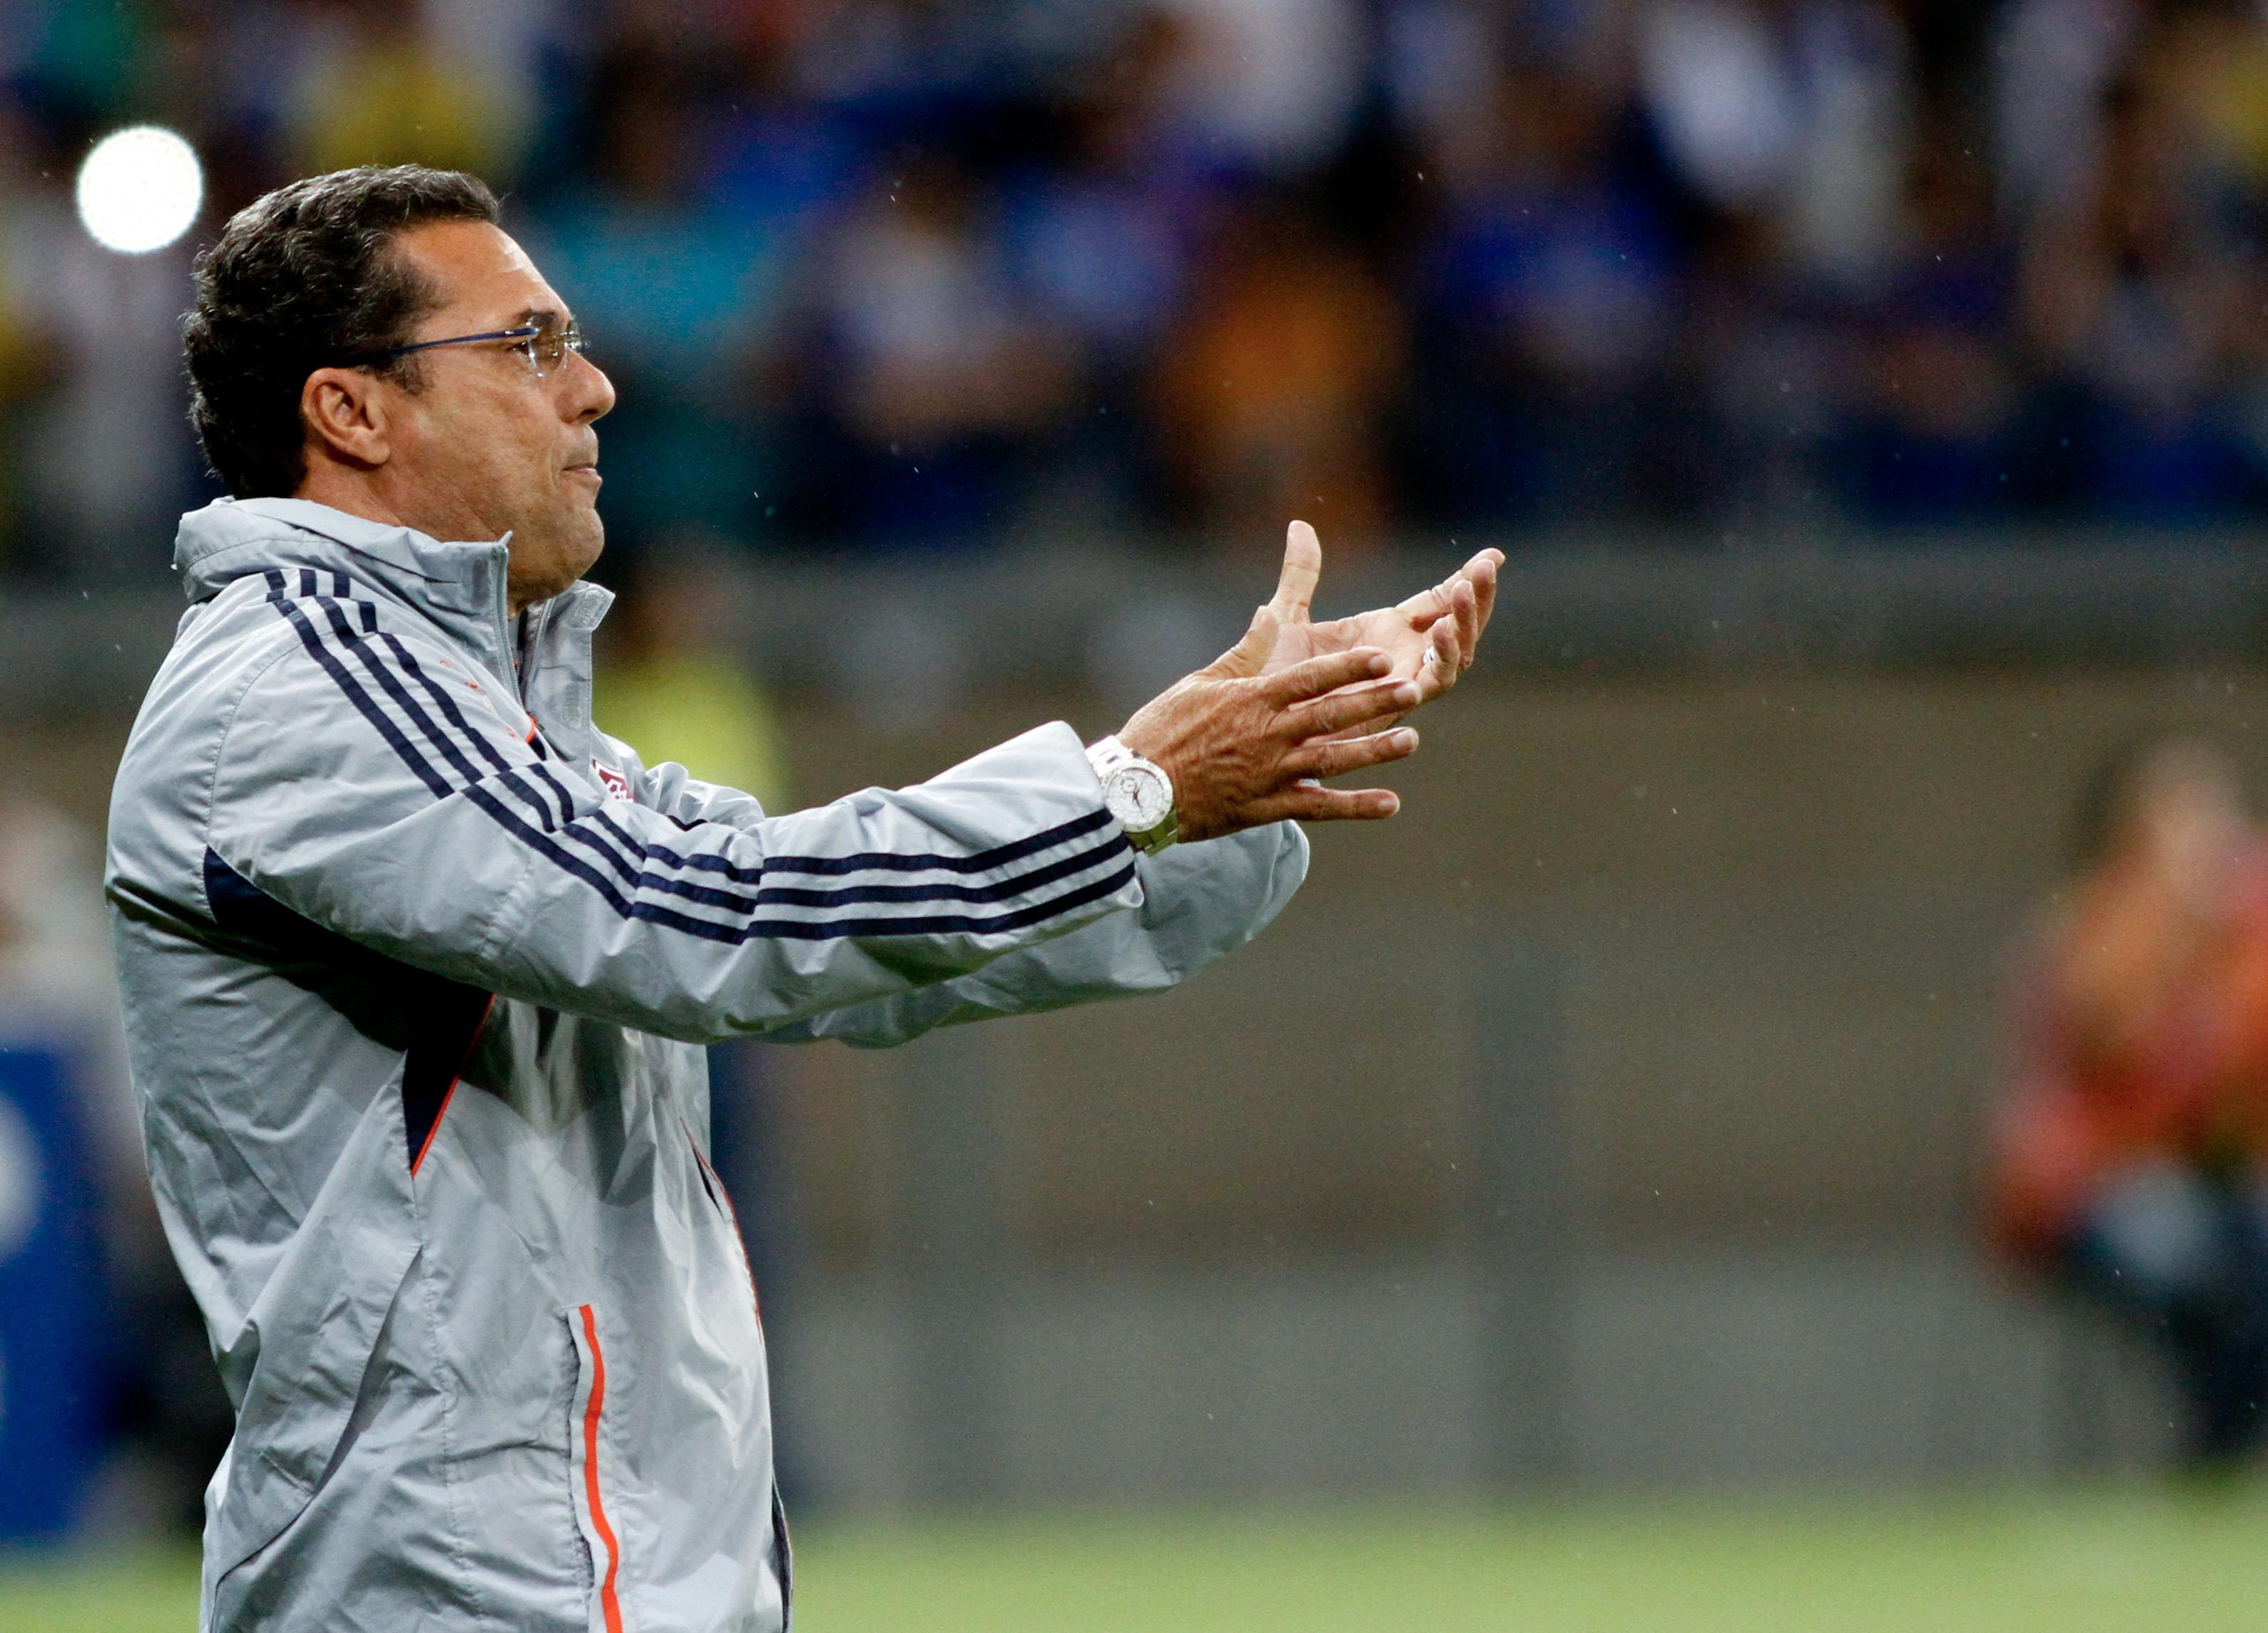 Vanderlei Luxemburgo ha allenato il Tianjin nel 2015/16 per sei mesi